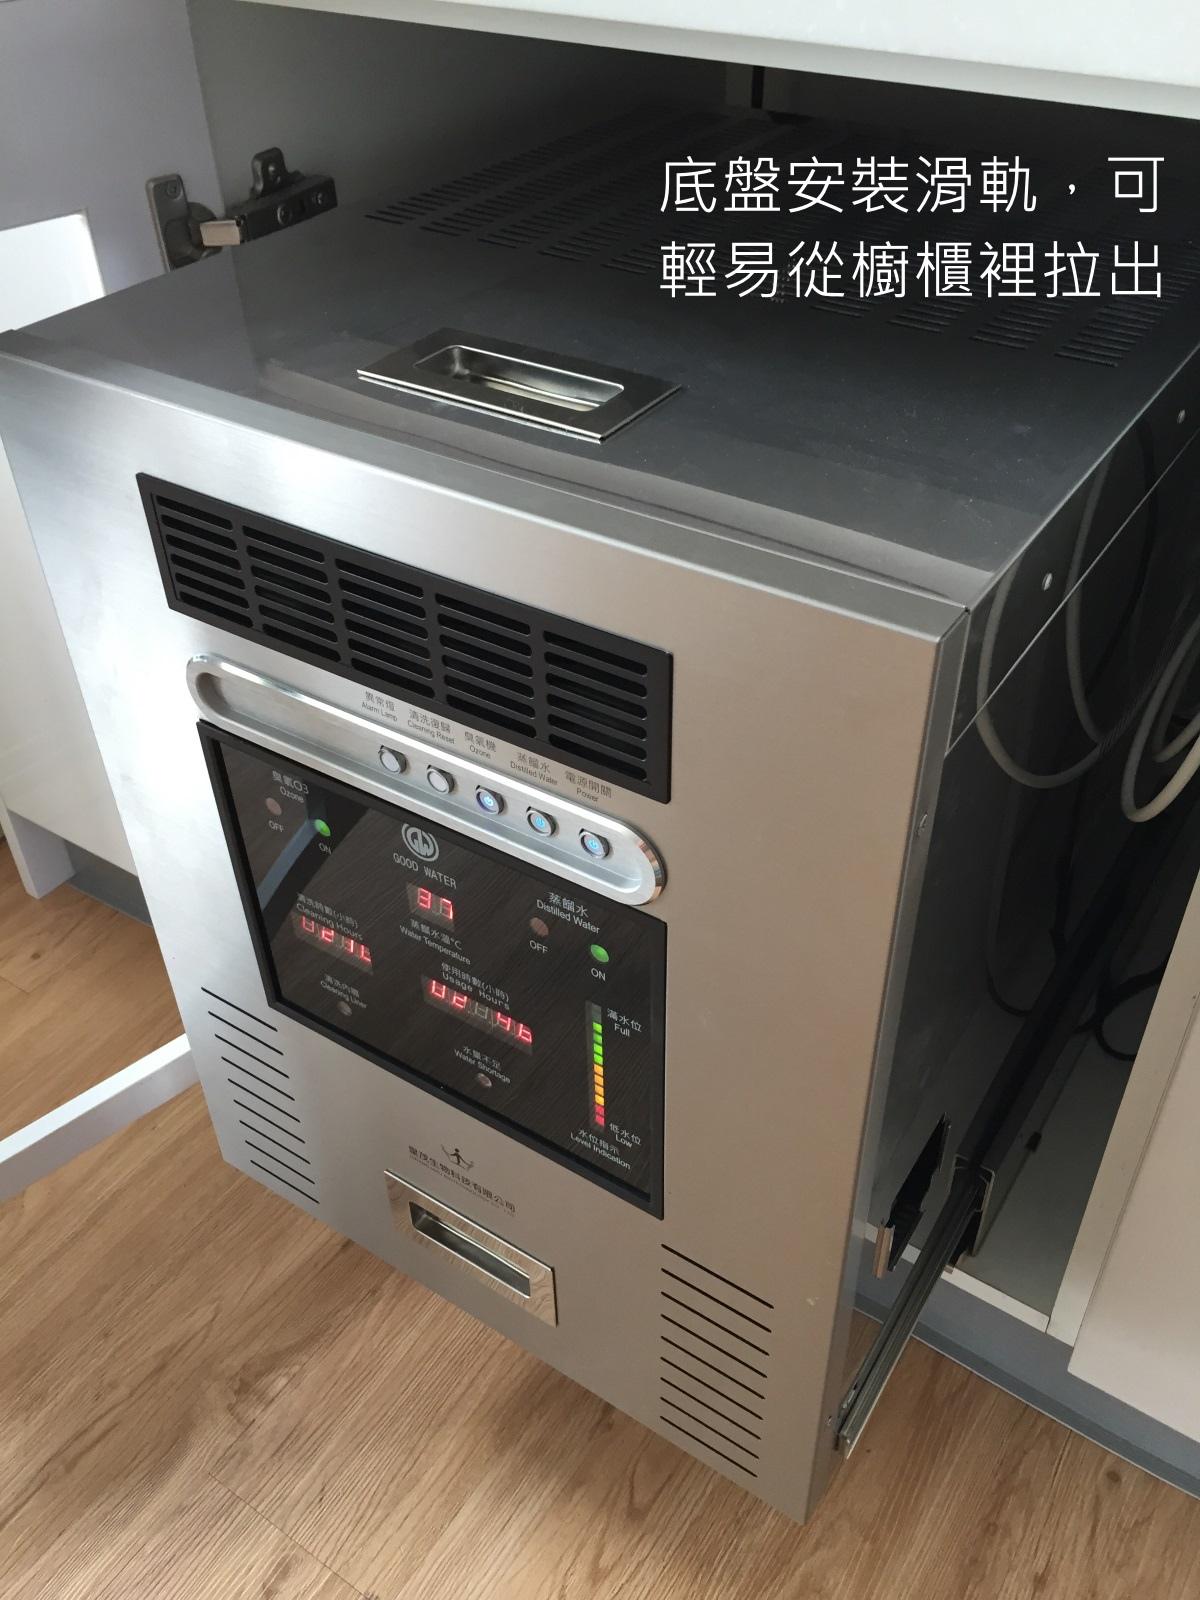 [新聞活動] 皇茂生技蒸餾臭氧機2015-05-29 005.jpg